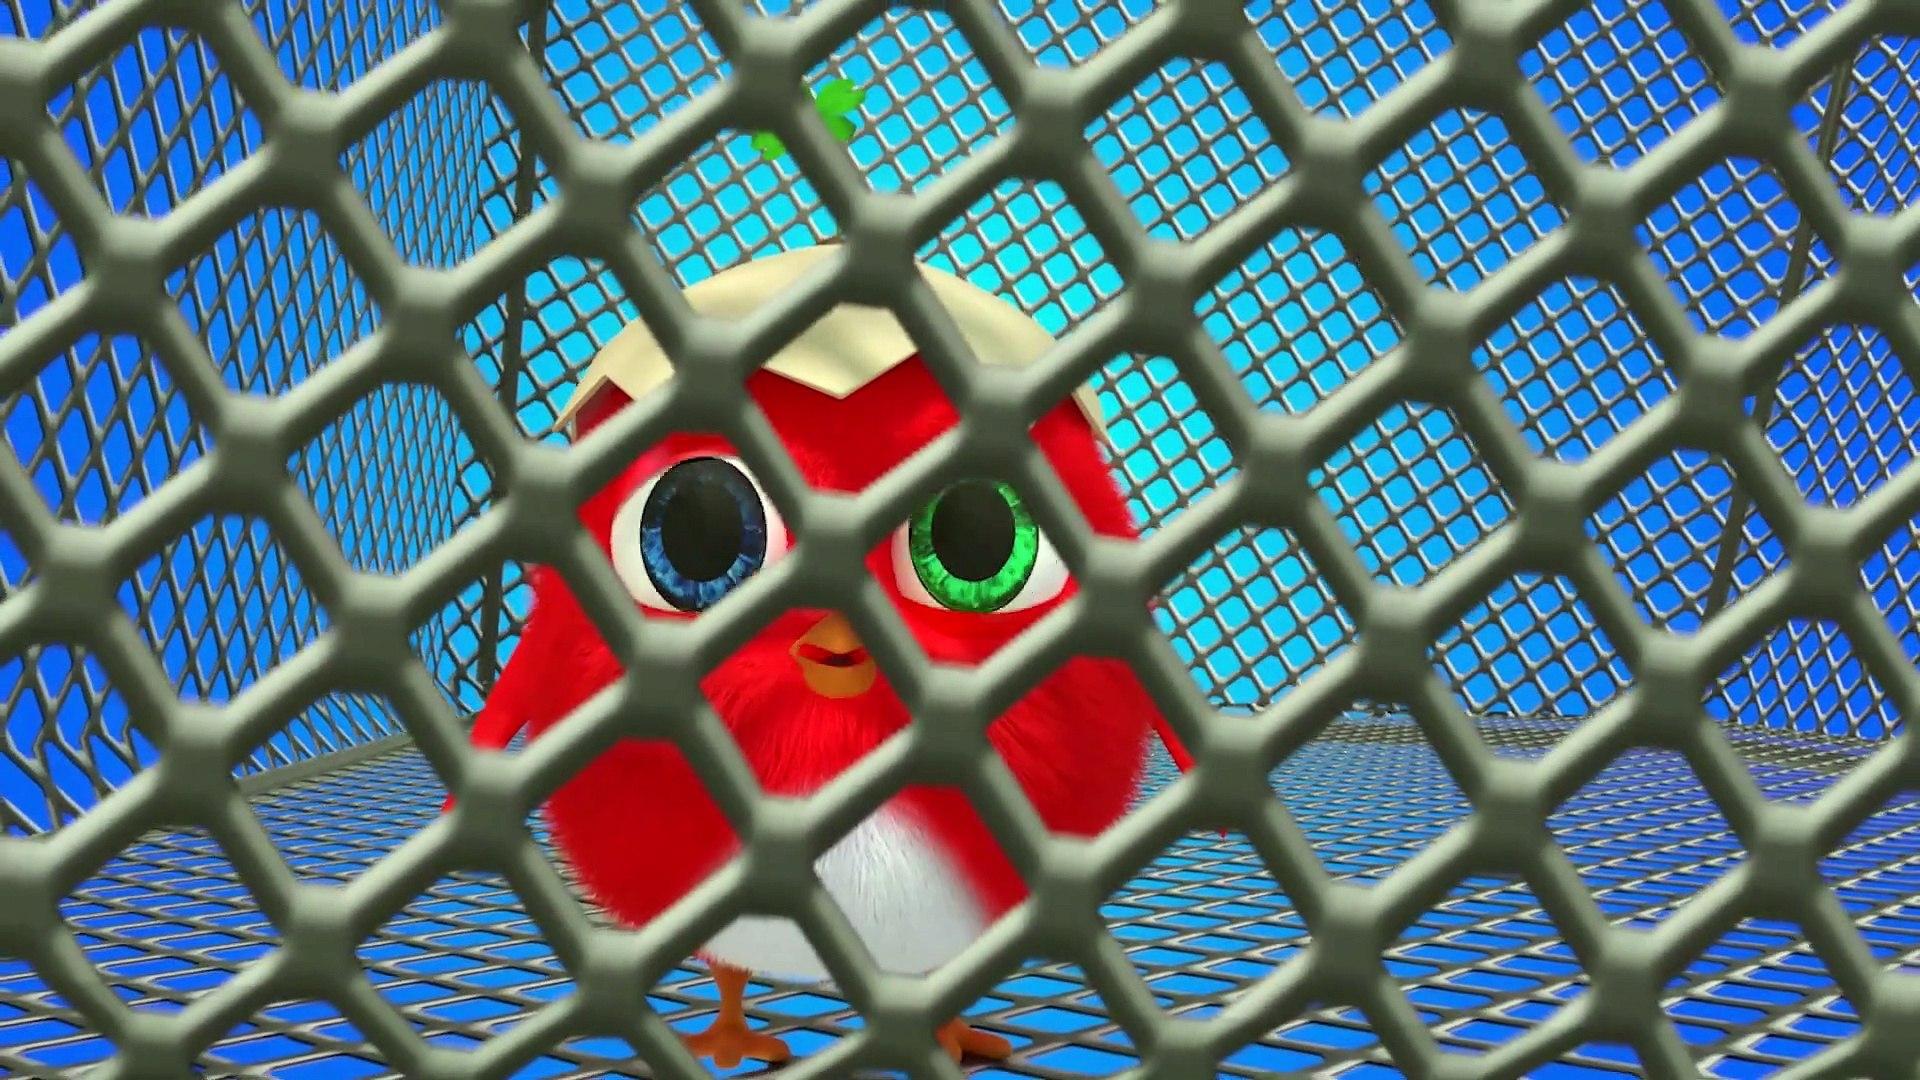 Roter Kuckuck - Cartoon Für Kinder 2019 - Deutsch Kinderserie Neue Folgen #5